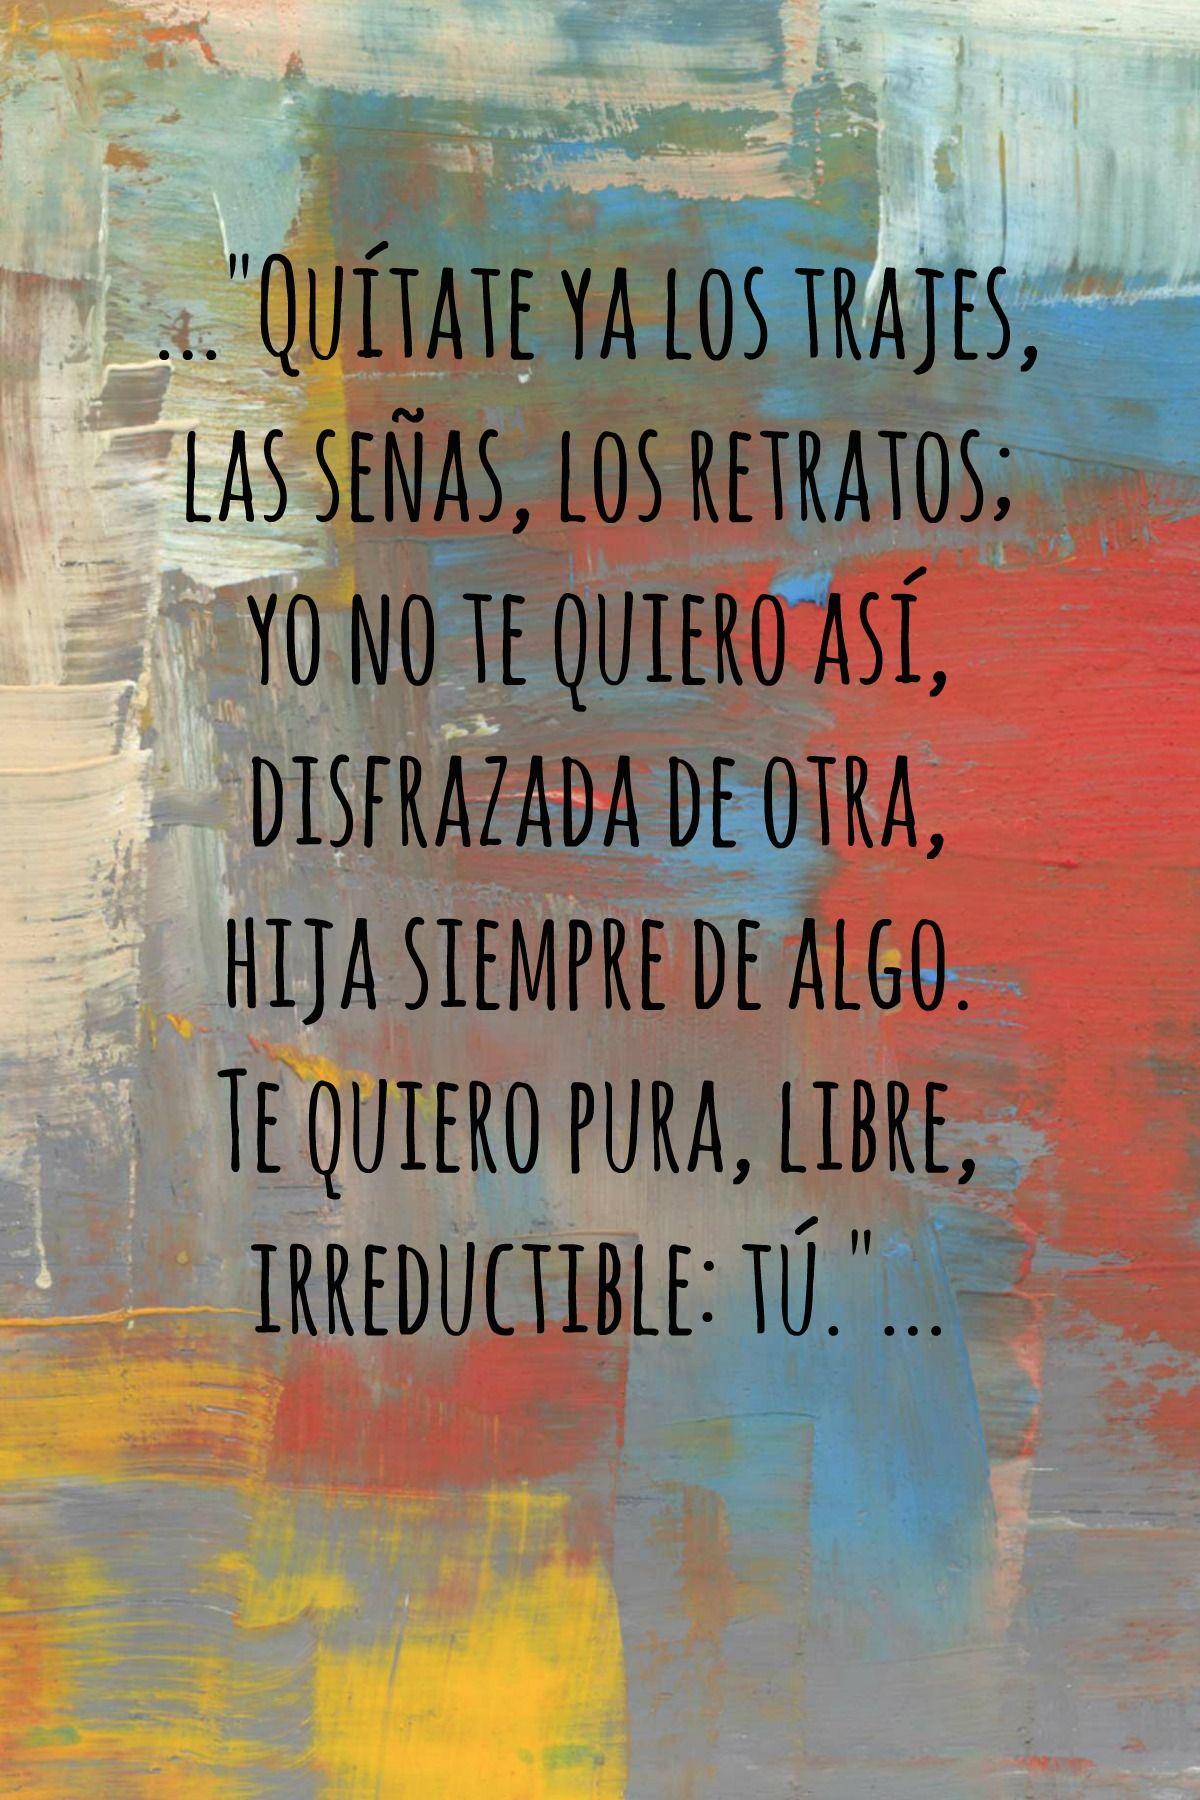 """Fragmento de : LA VOZ A TI DEBIDA, Pedro Salinas """"Quítate ya los trajes,  las señas, los retratos;  yo no te quiero así,  disfrazada de otra,  hija siempre de algo.  Te quiero pura, libre,  irreductible: tú."""""""